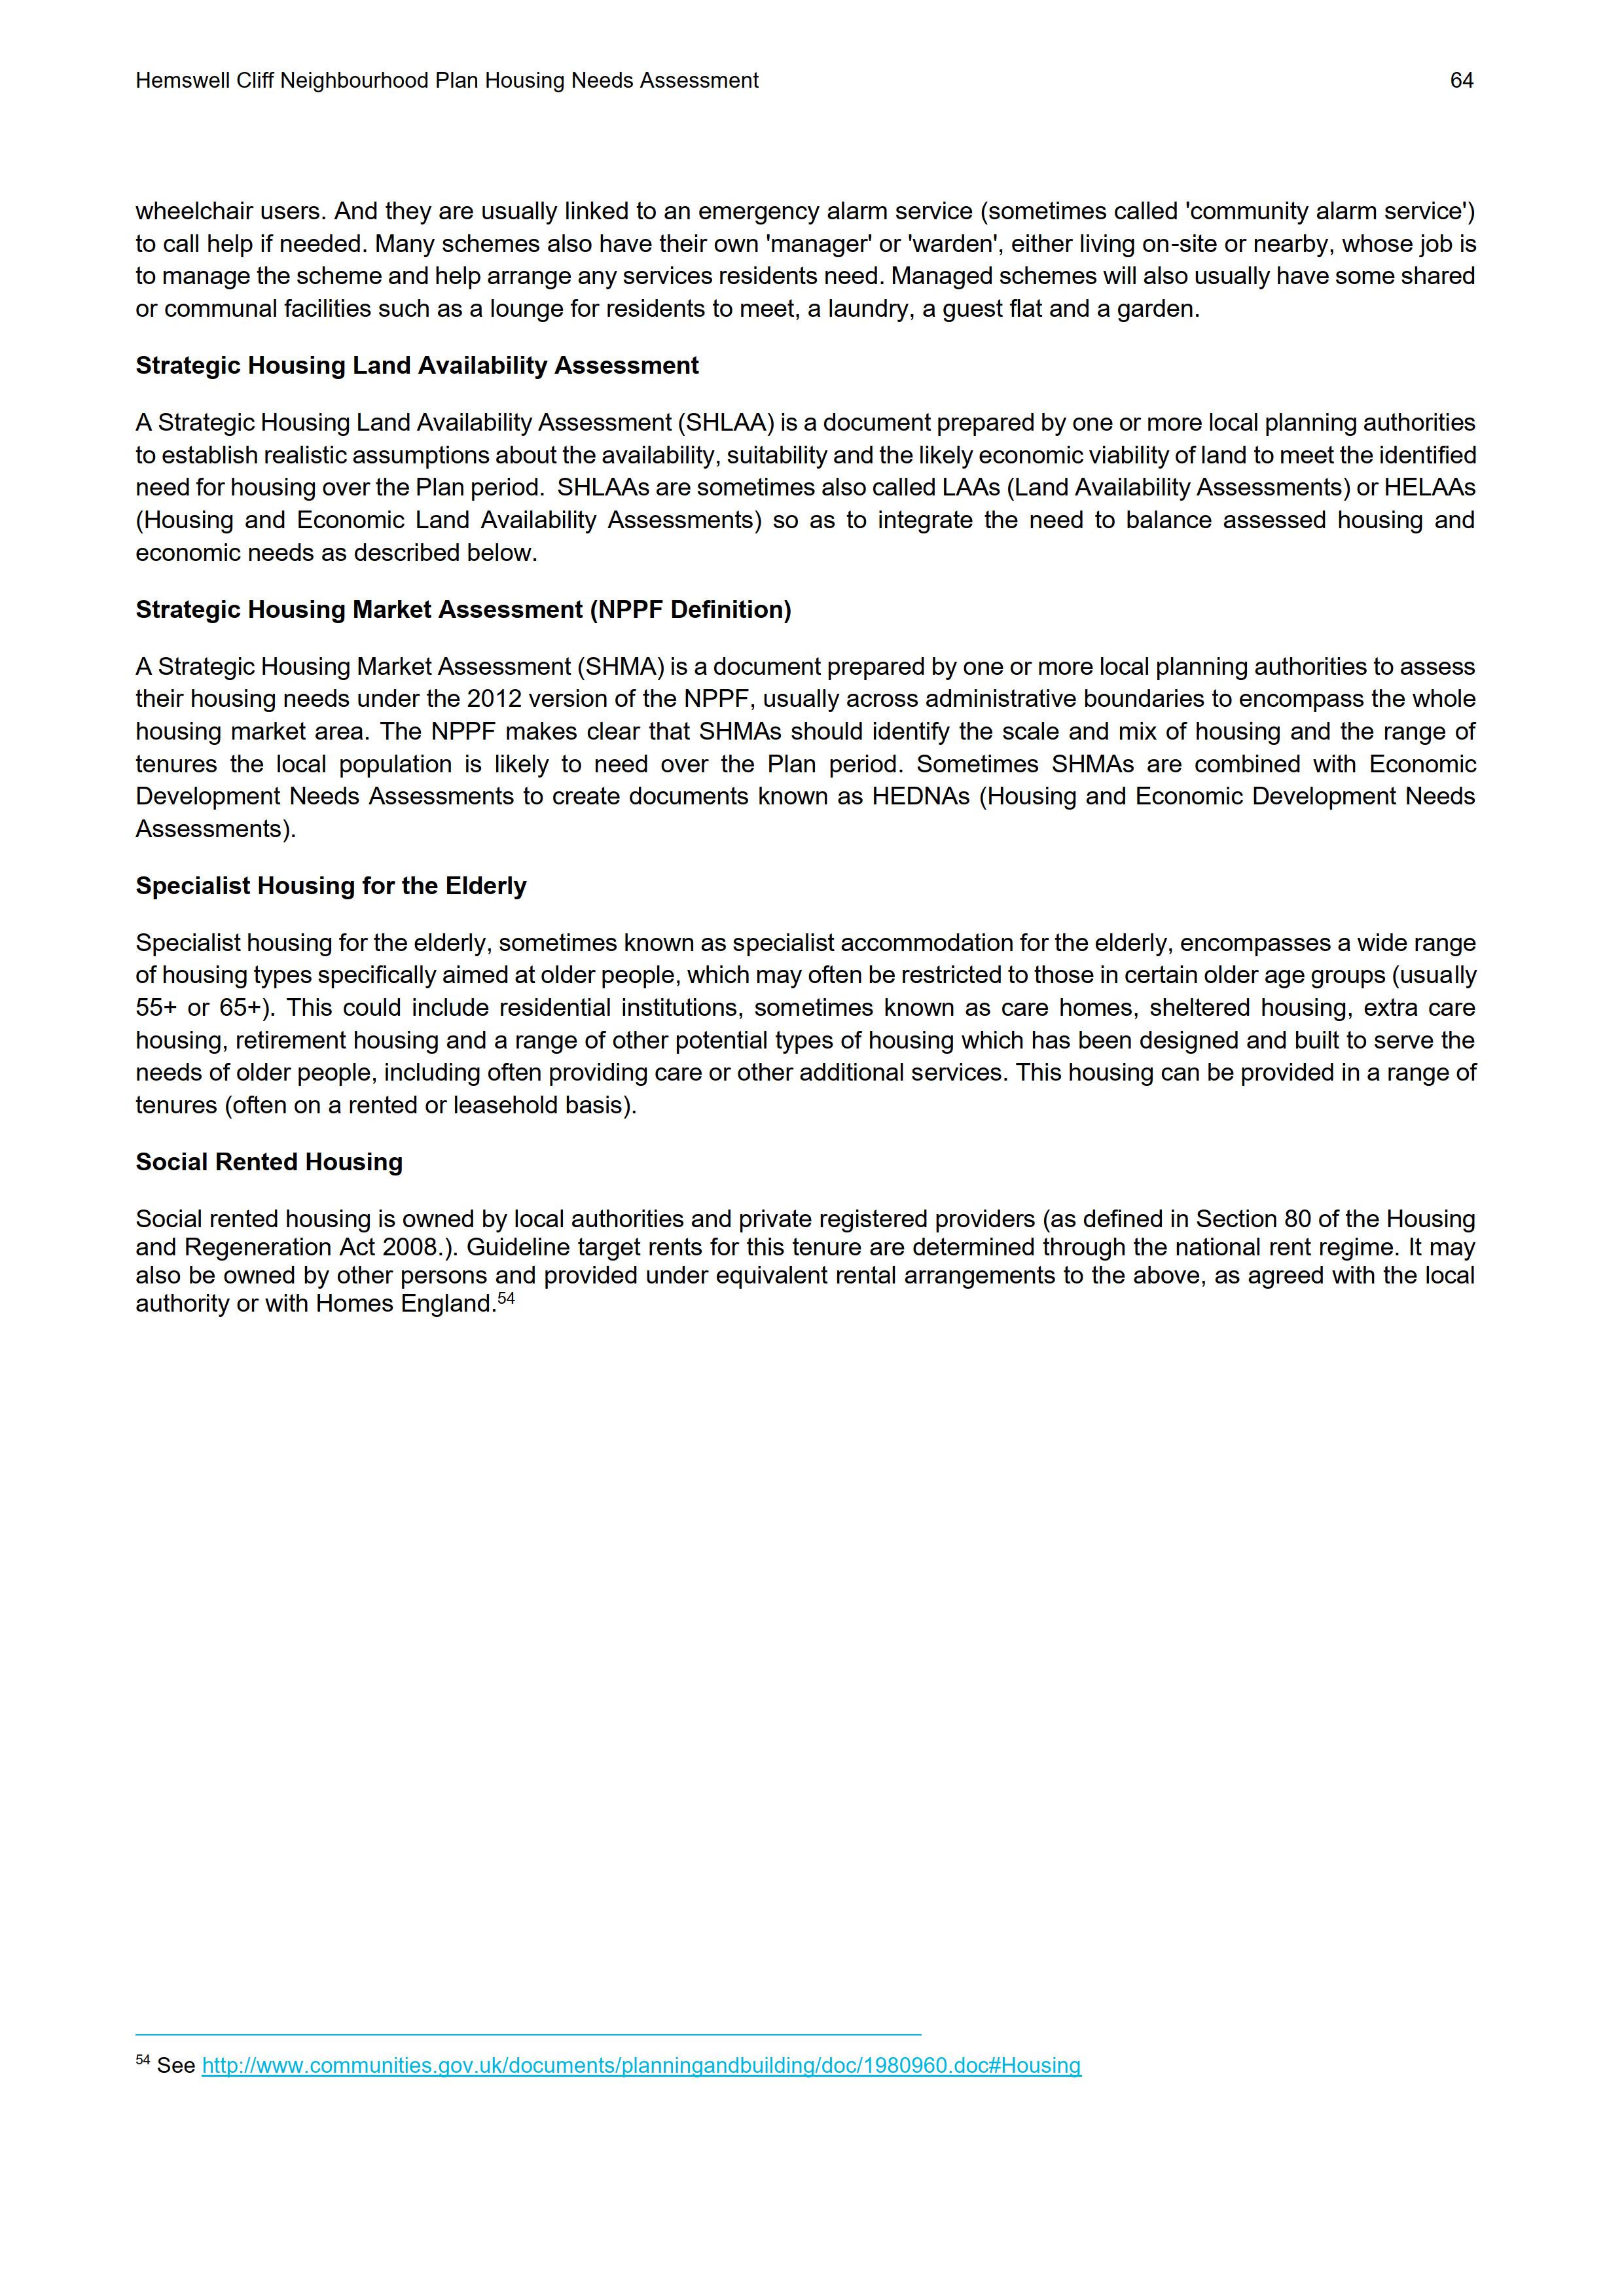 Hemswell_Cliff_Housing_Needs_Assessment_Final_64.png